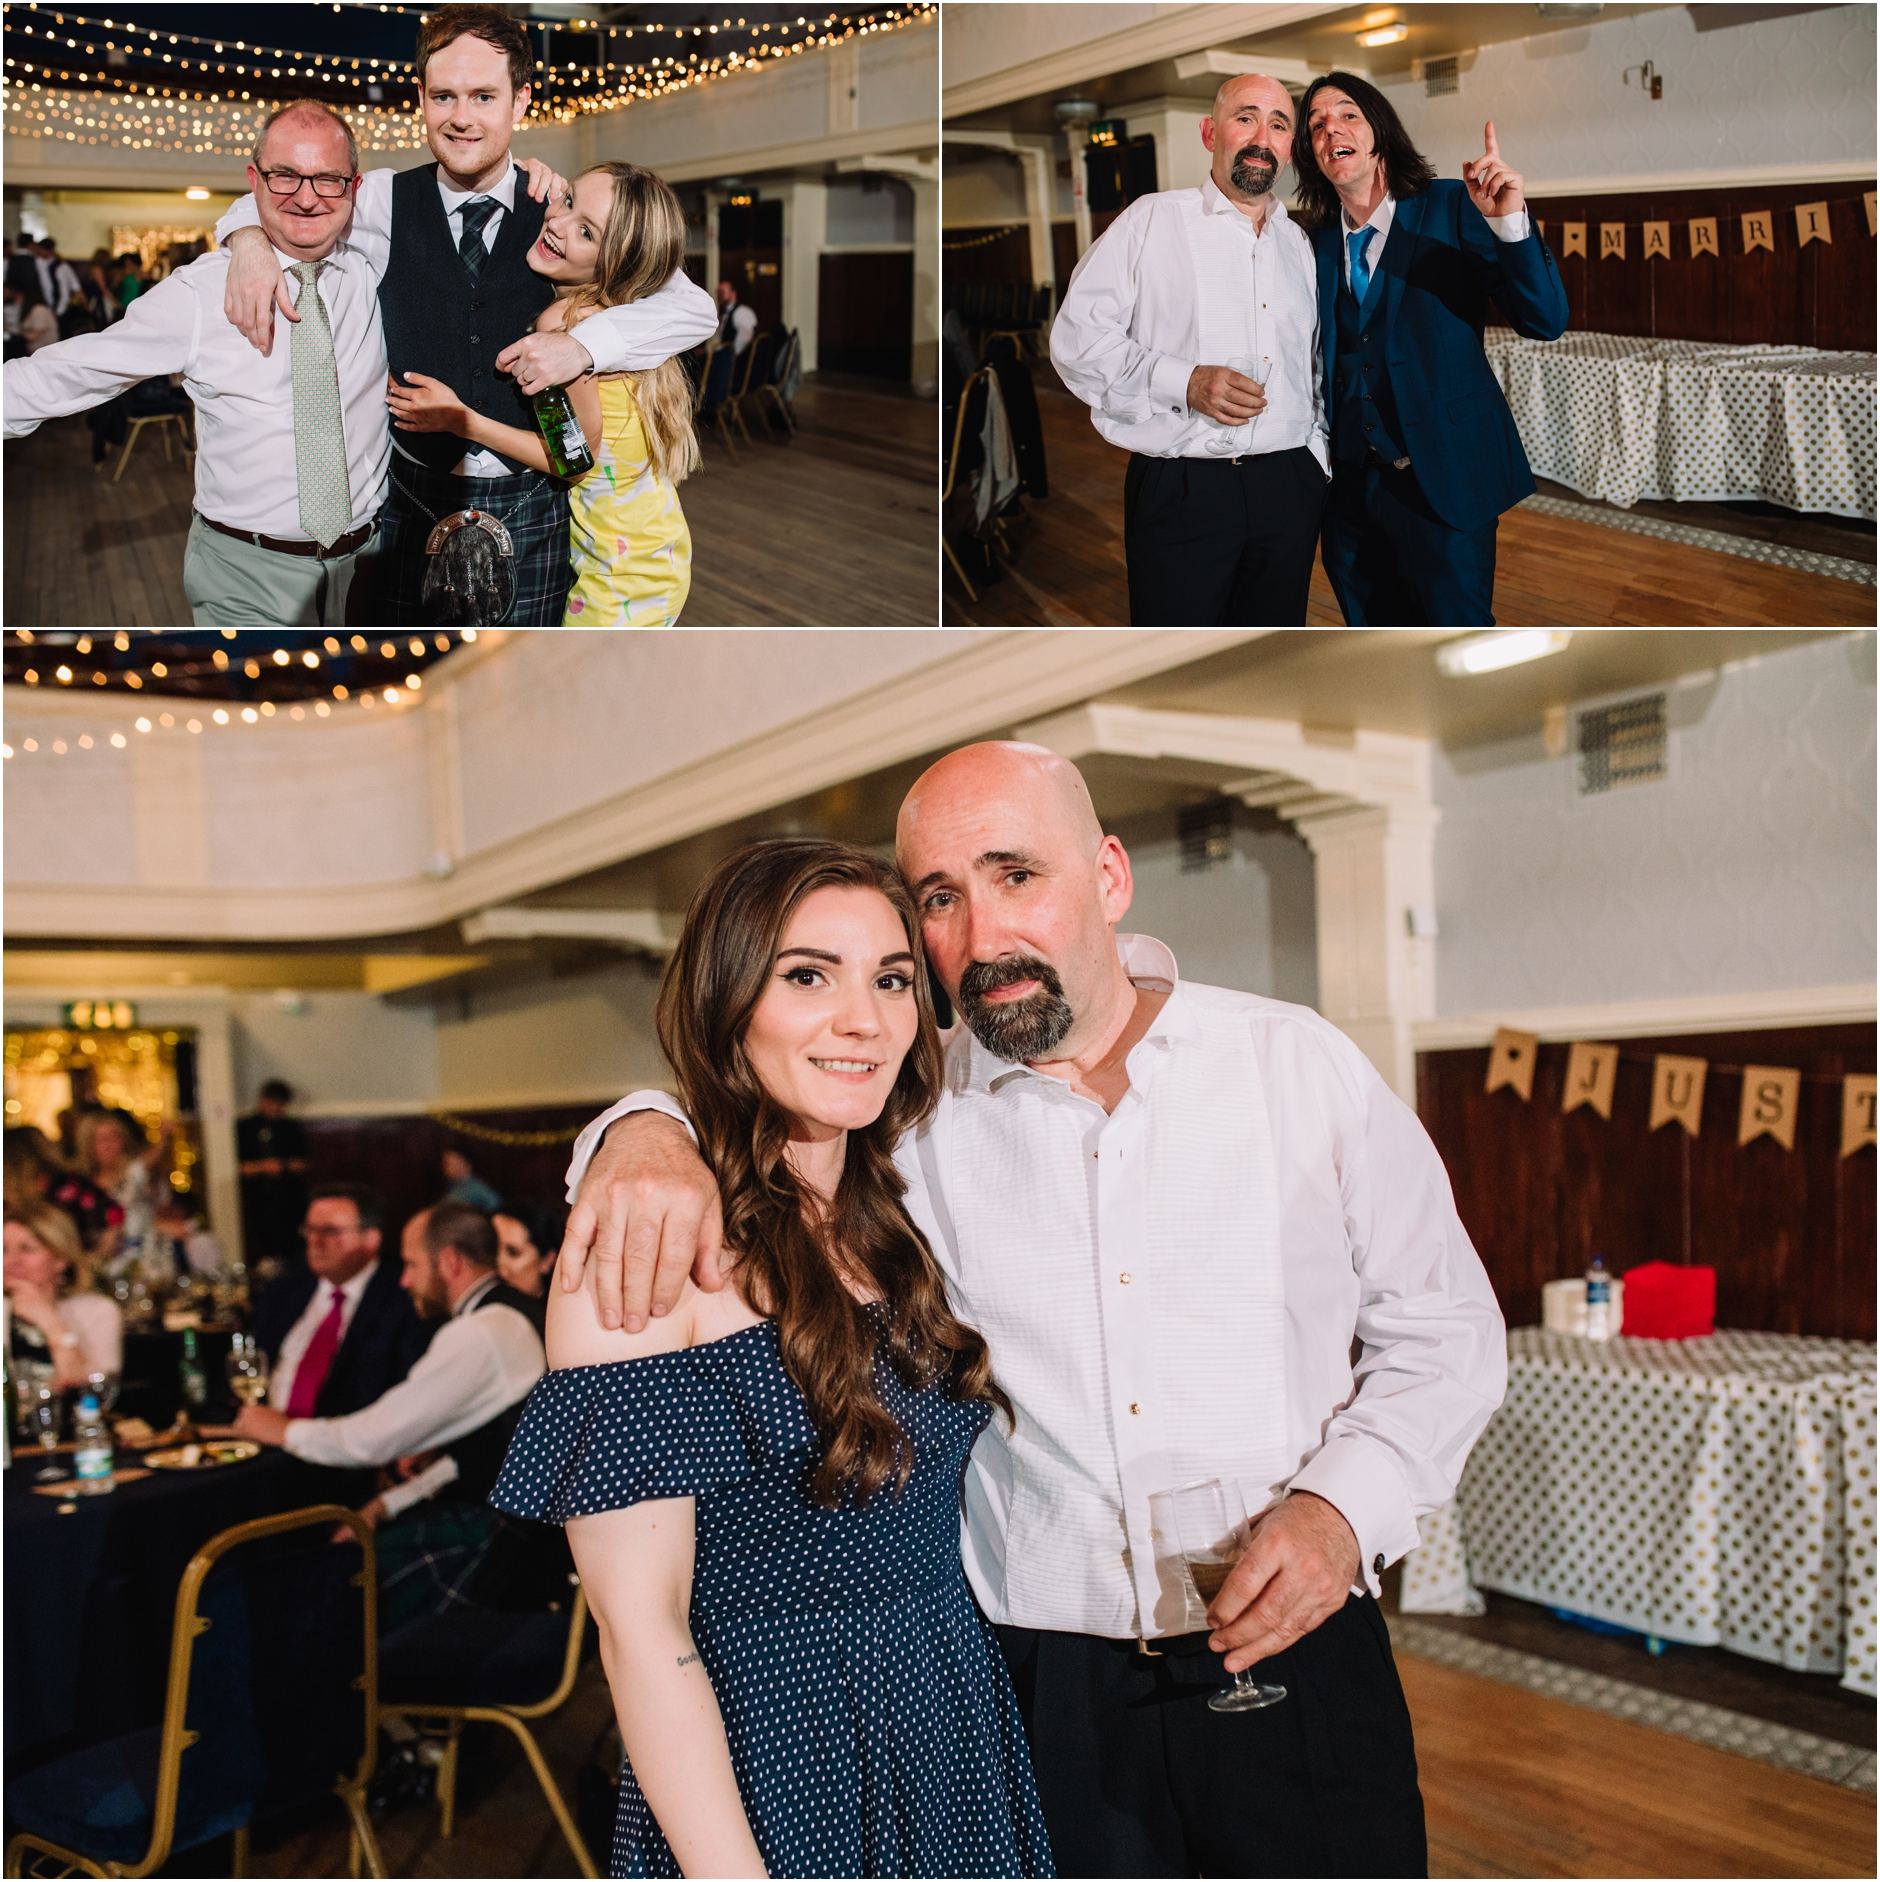 portobello town hall wedding photos